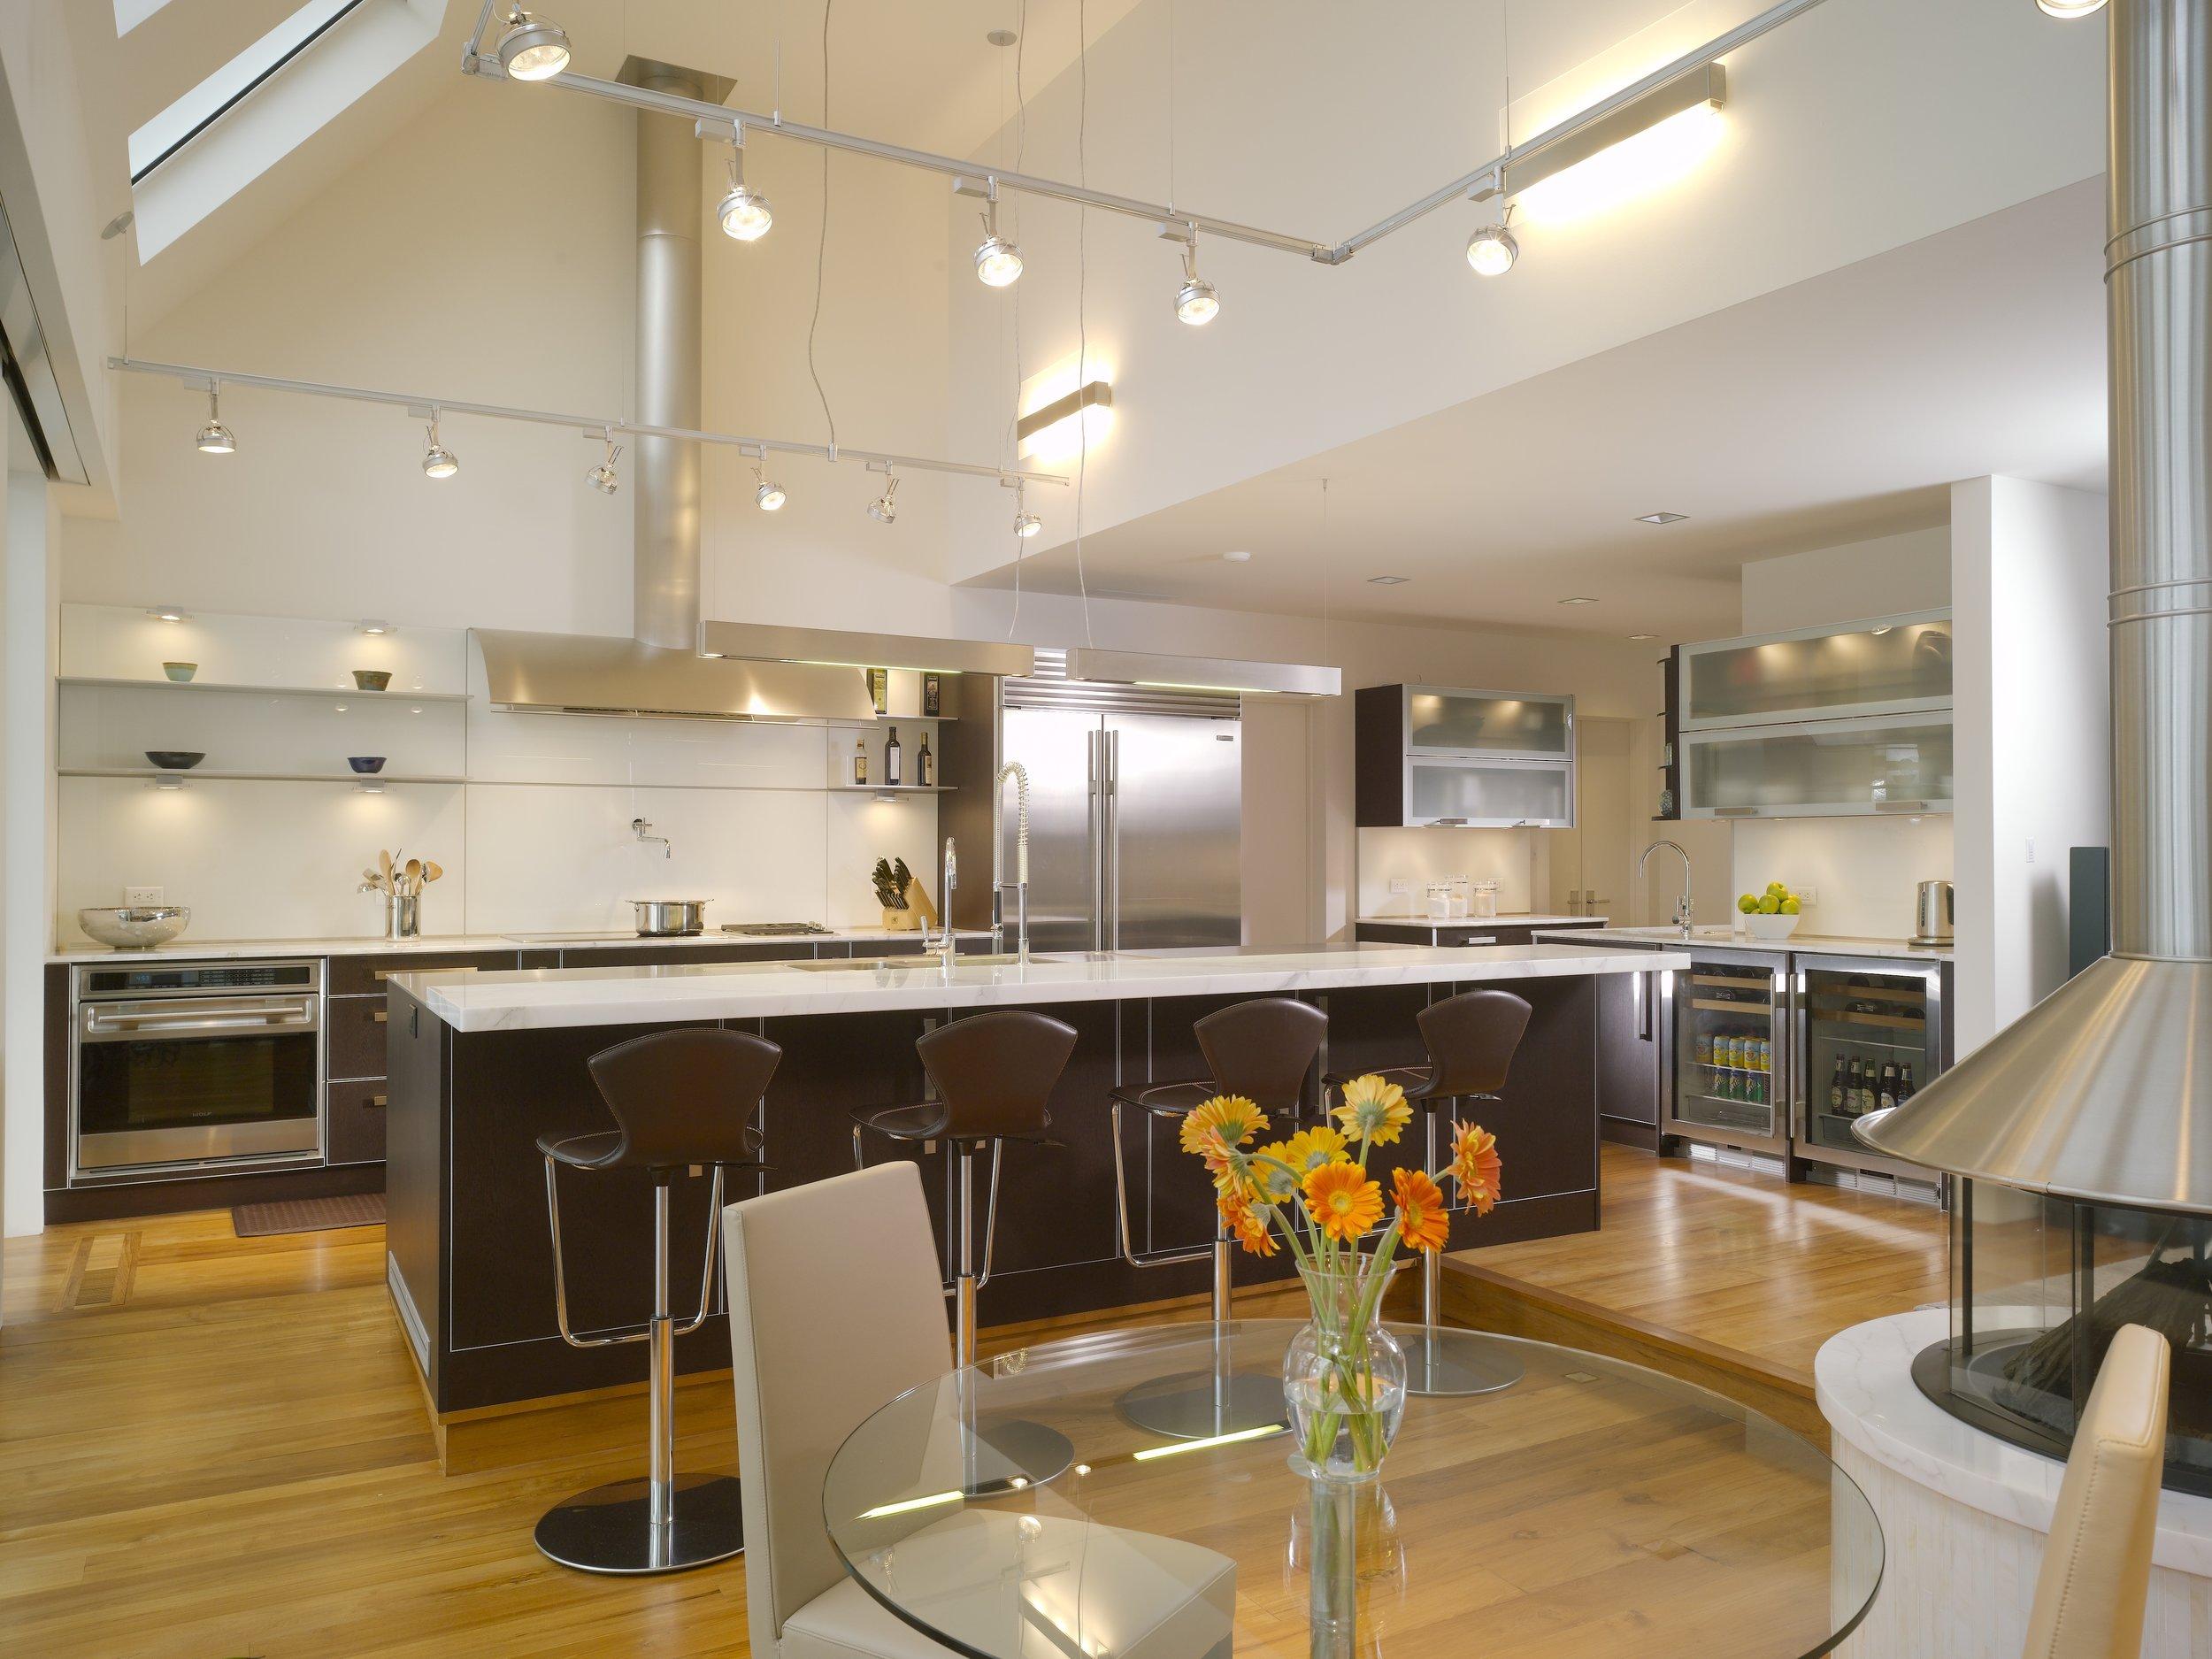 dining_kitchen.jpg